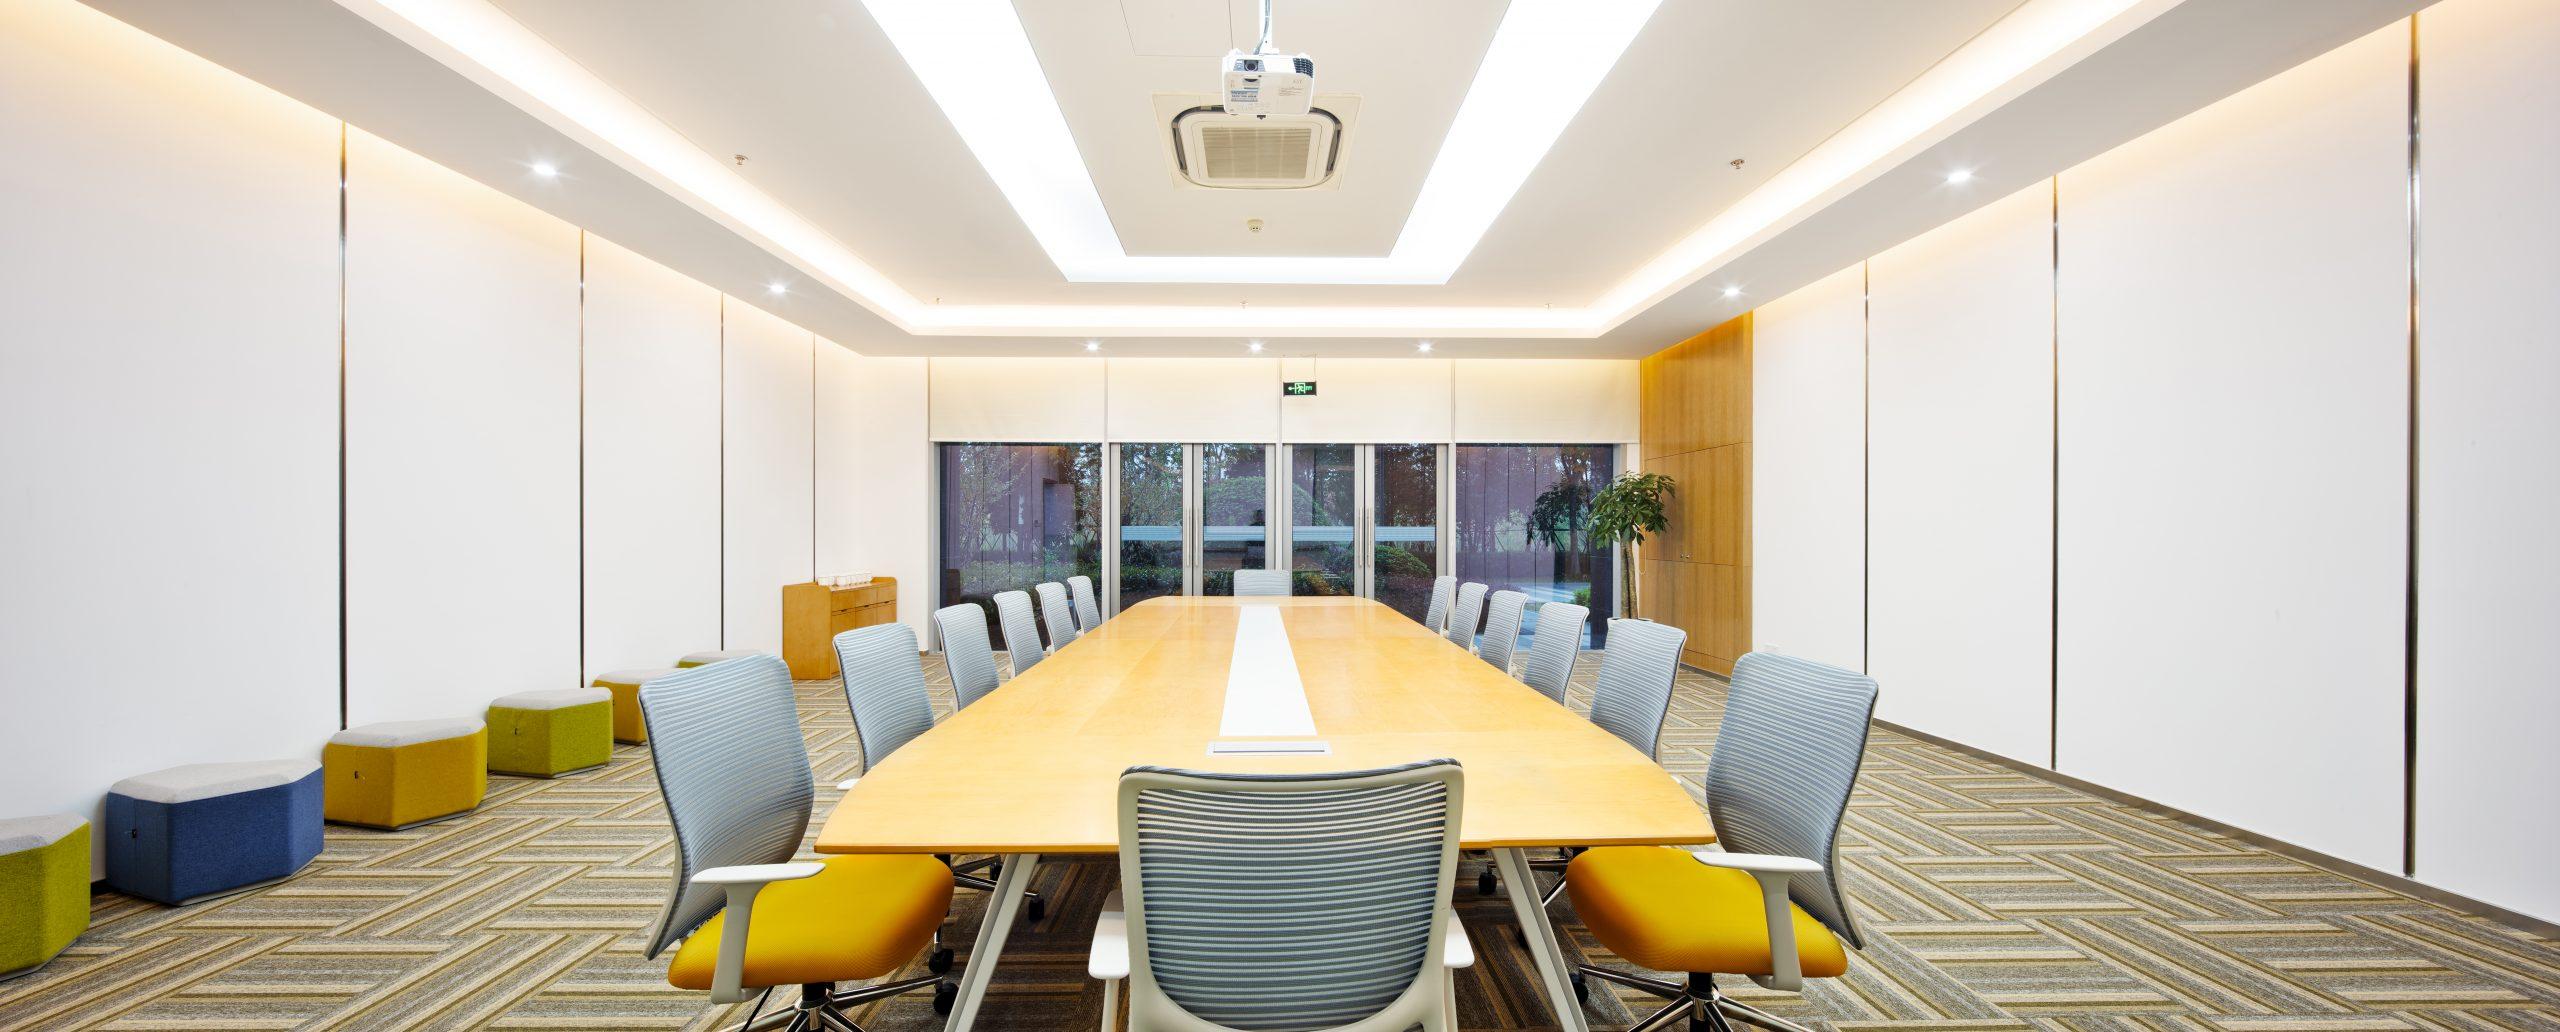 Lighting in an office board room